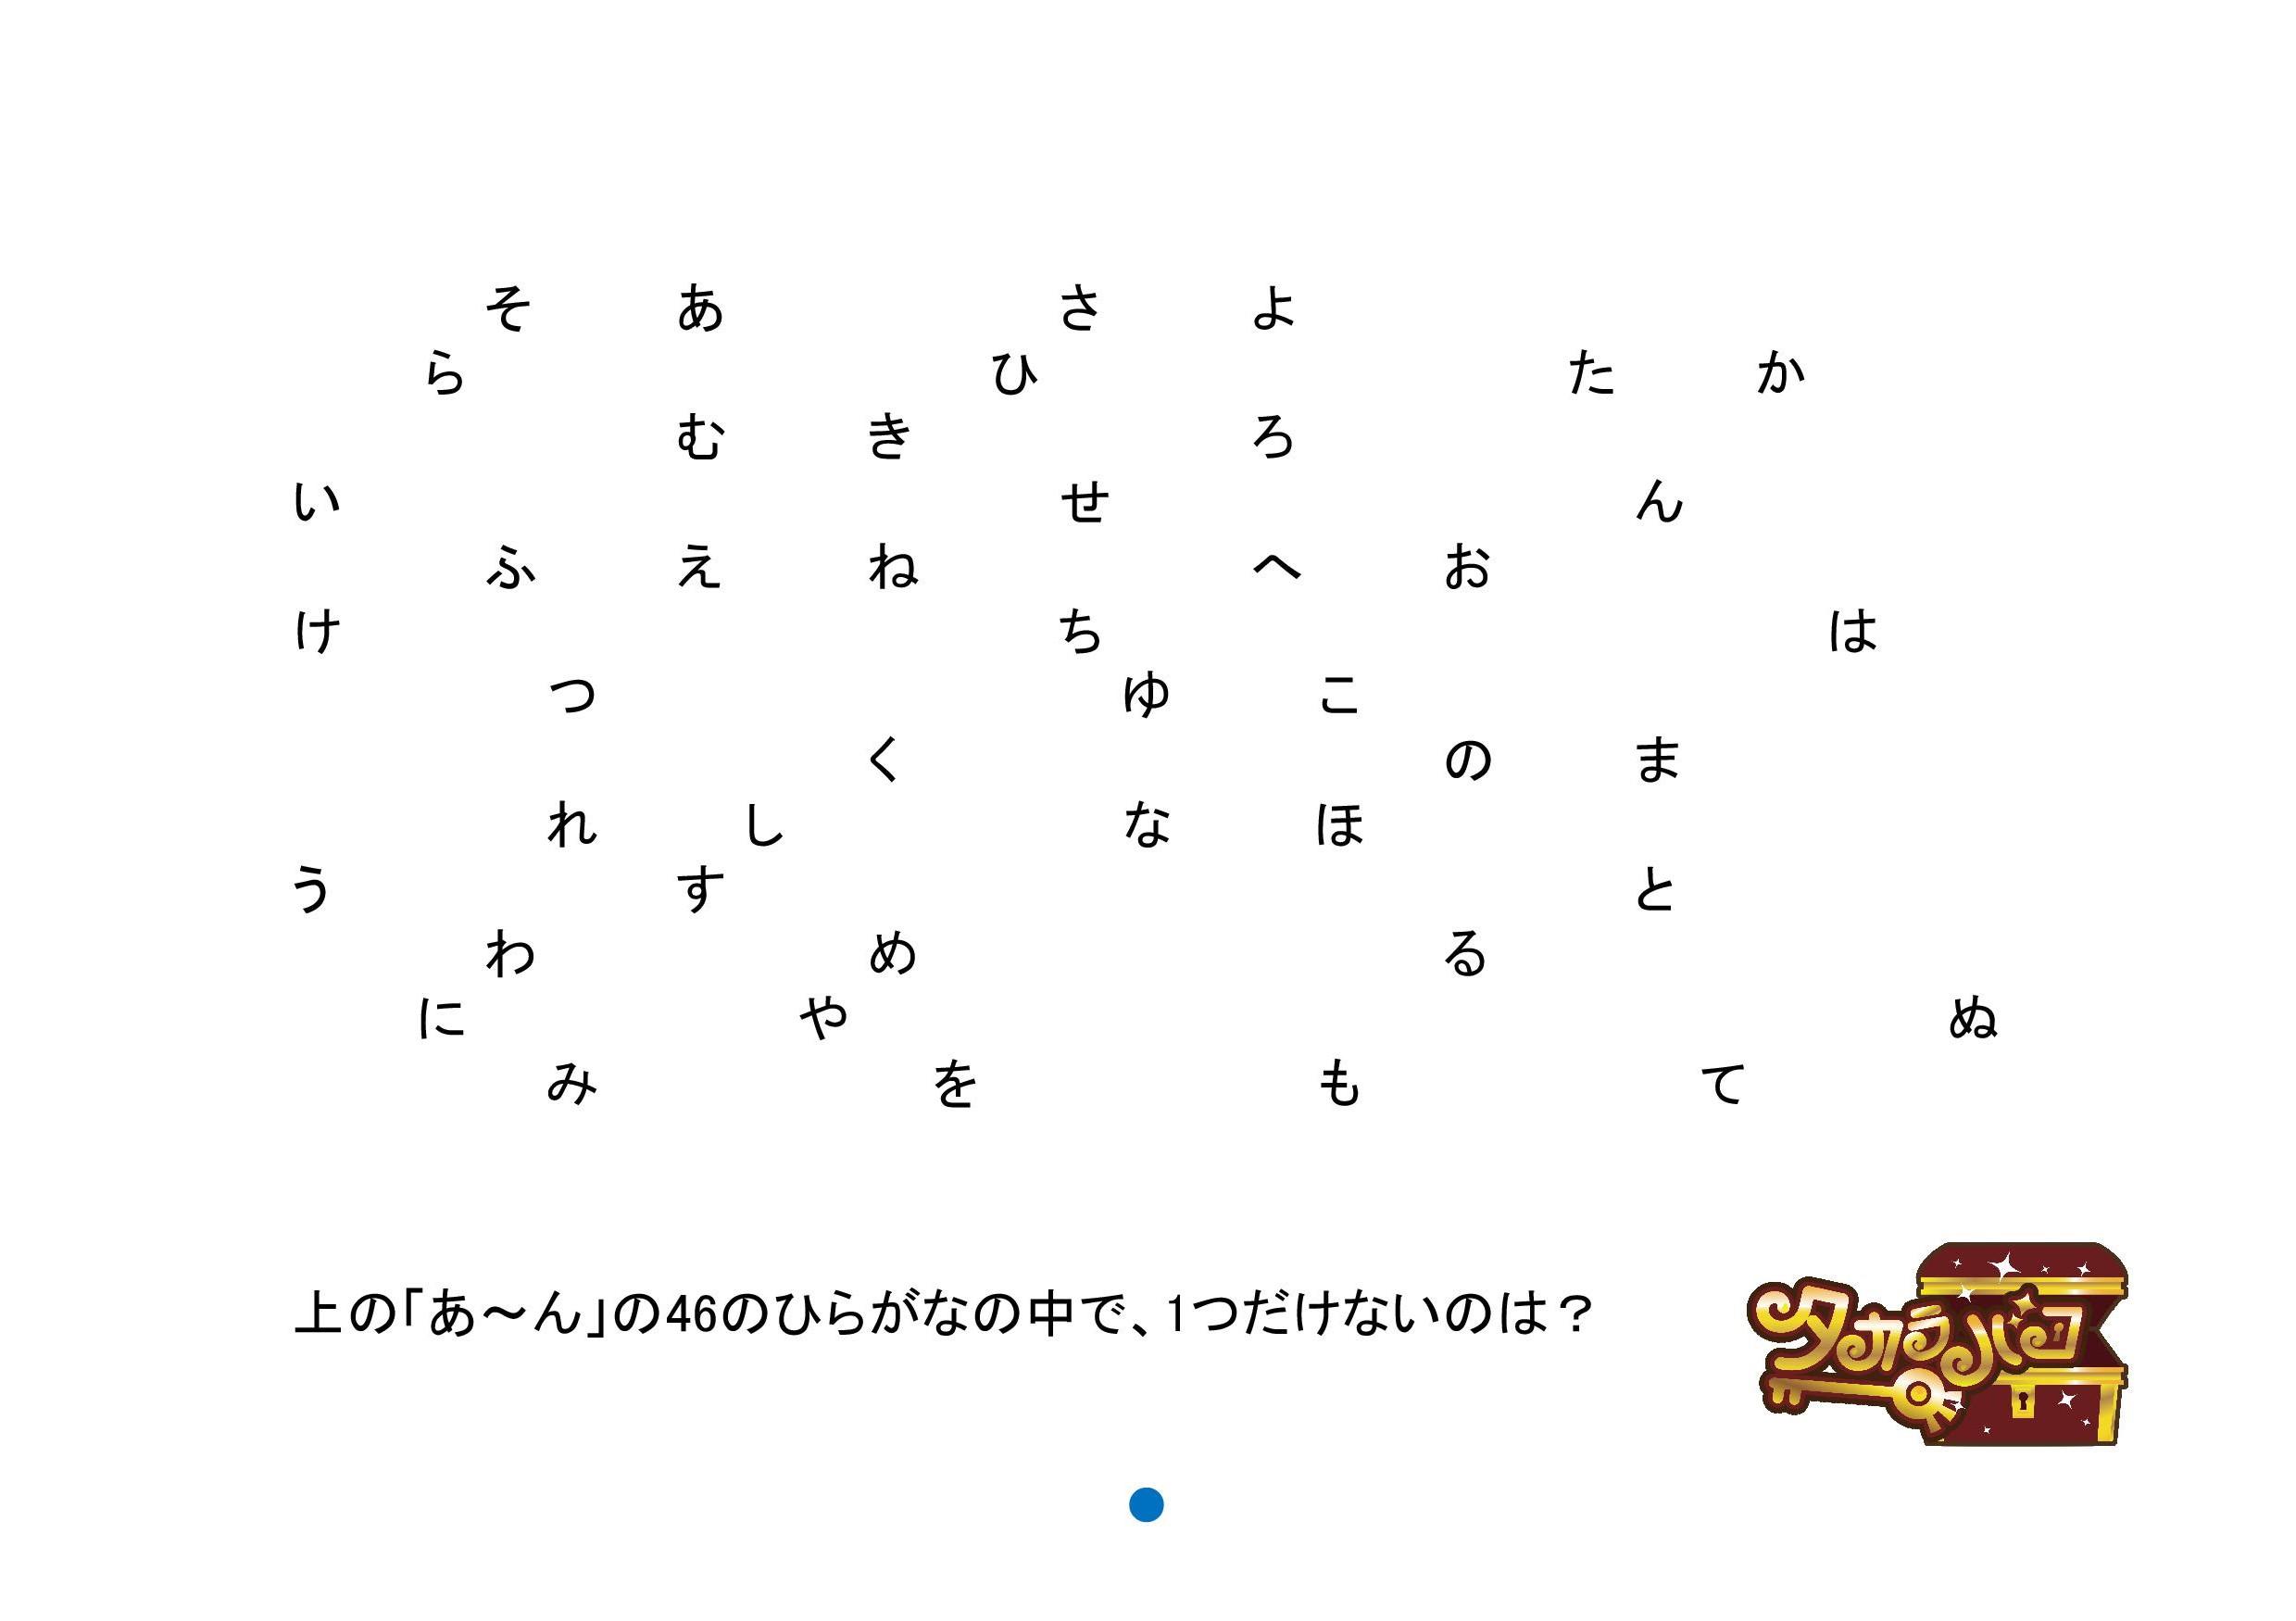 おみや001②